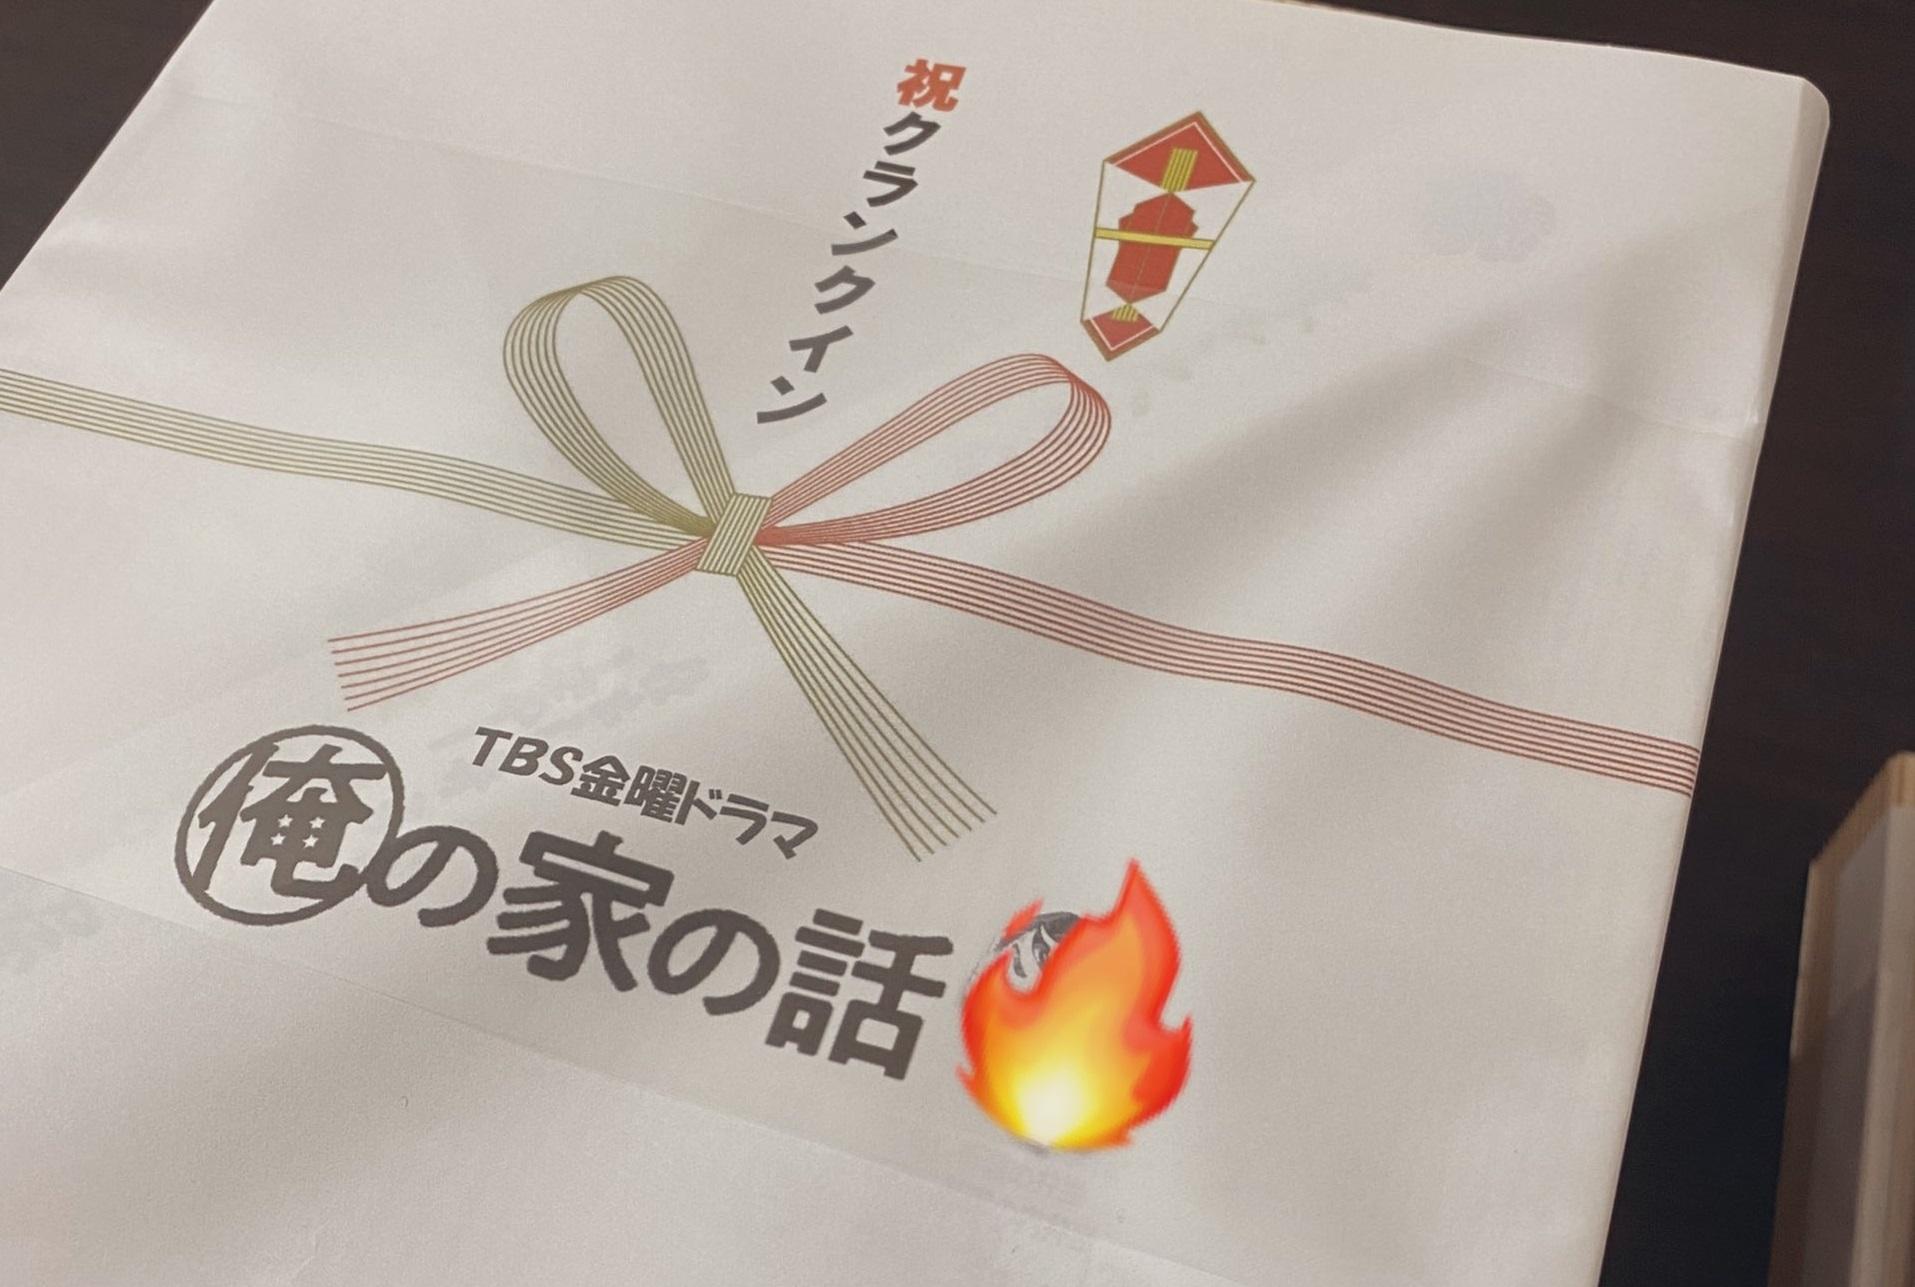 「俺の家の話(俺家)」ネタバレ!無料動画見逃し配信を最終回結末まで紹介!